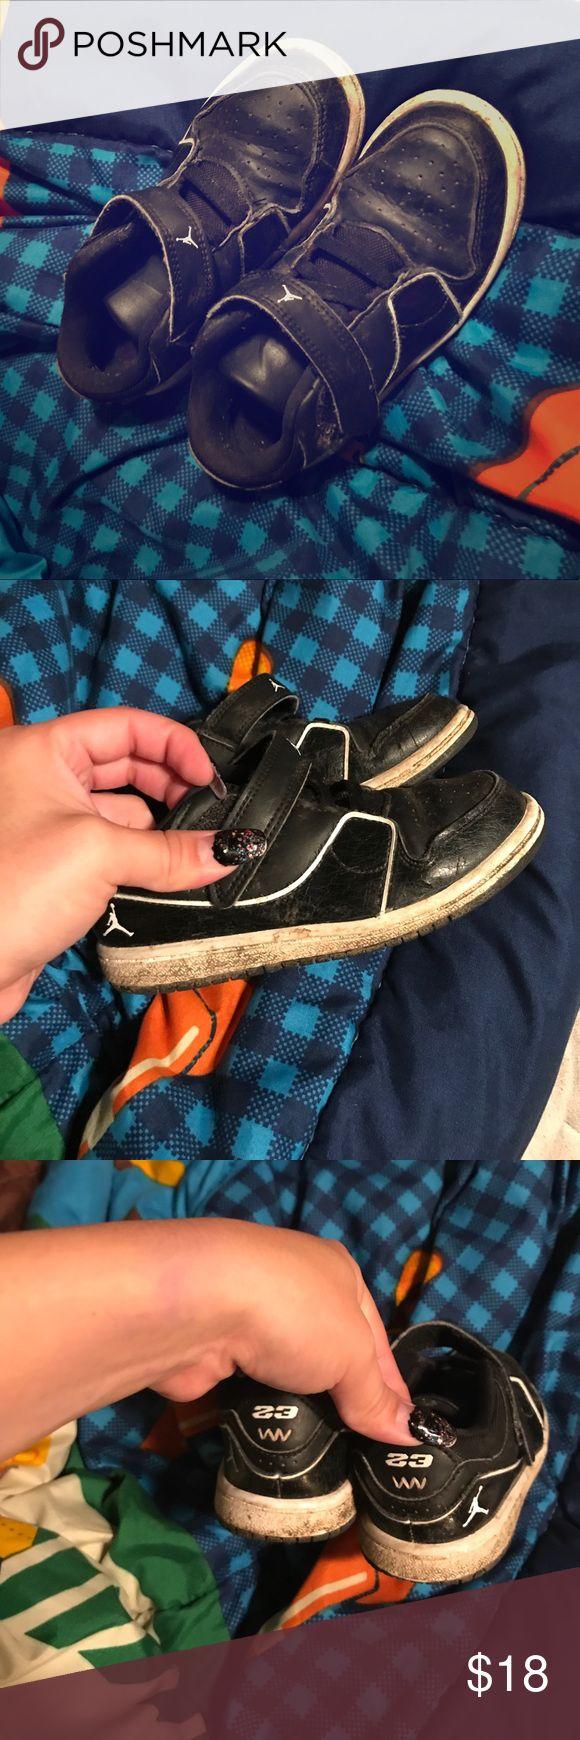 Toddler Jordan 10c Size 10c Air Jordan Shoes Sneakers